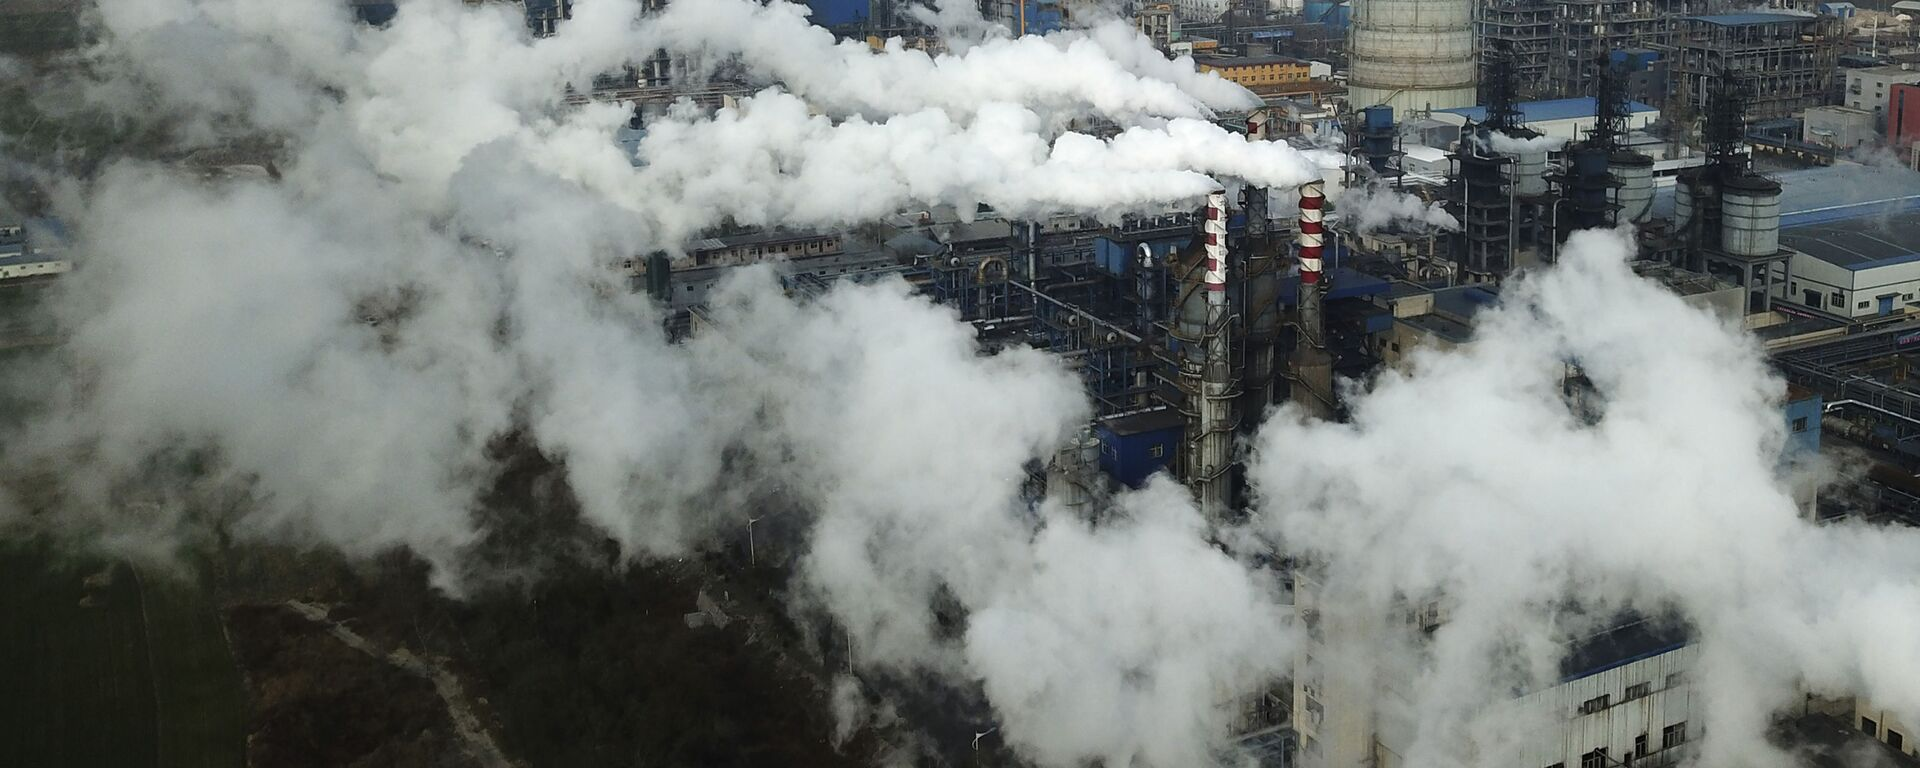 中国 有害物資の割当量取引を開始 - Sputnik 日本, 1920, 17.07.2021